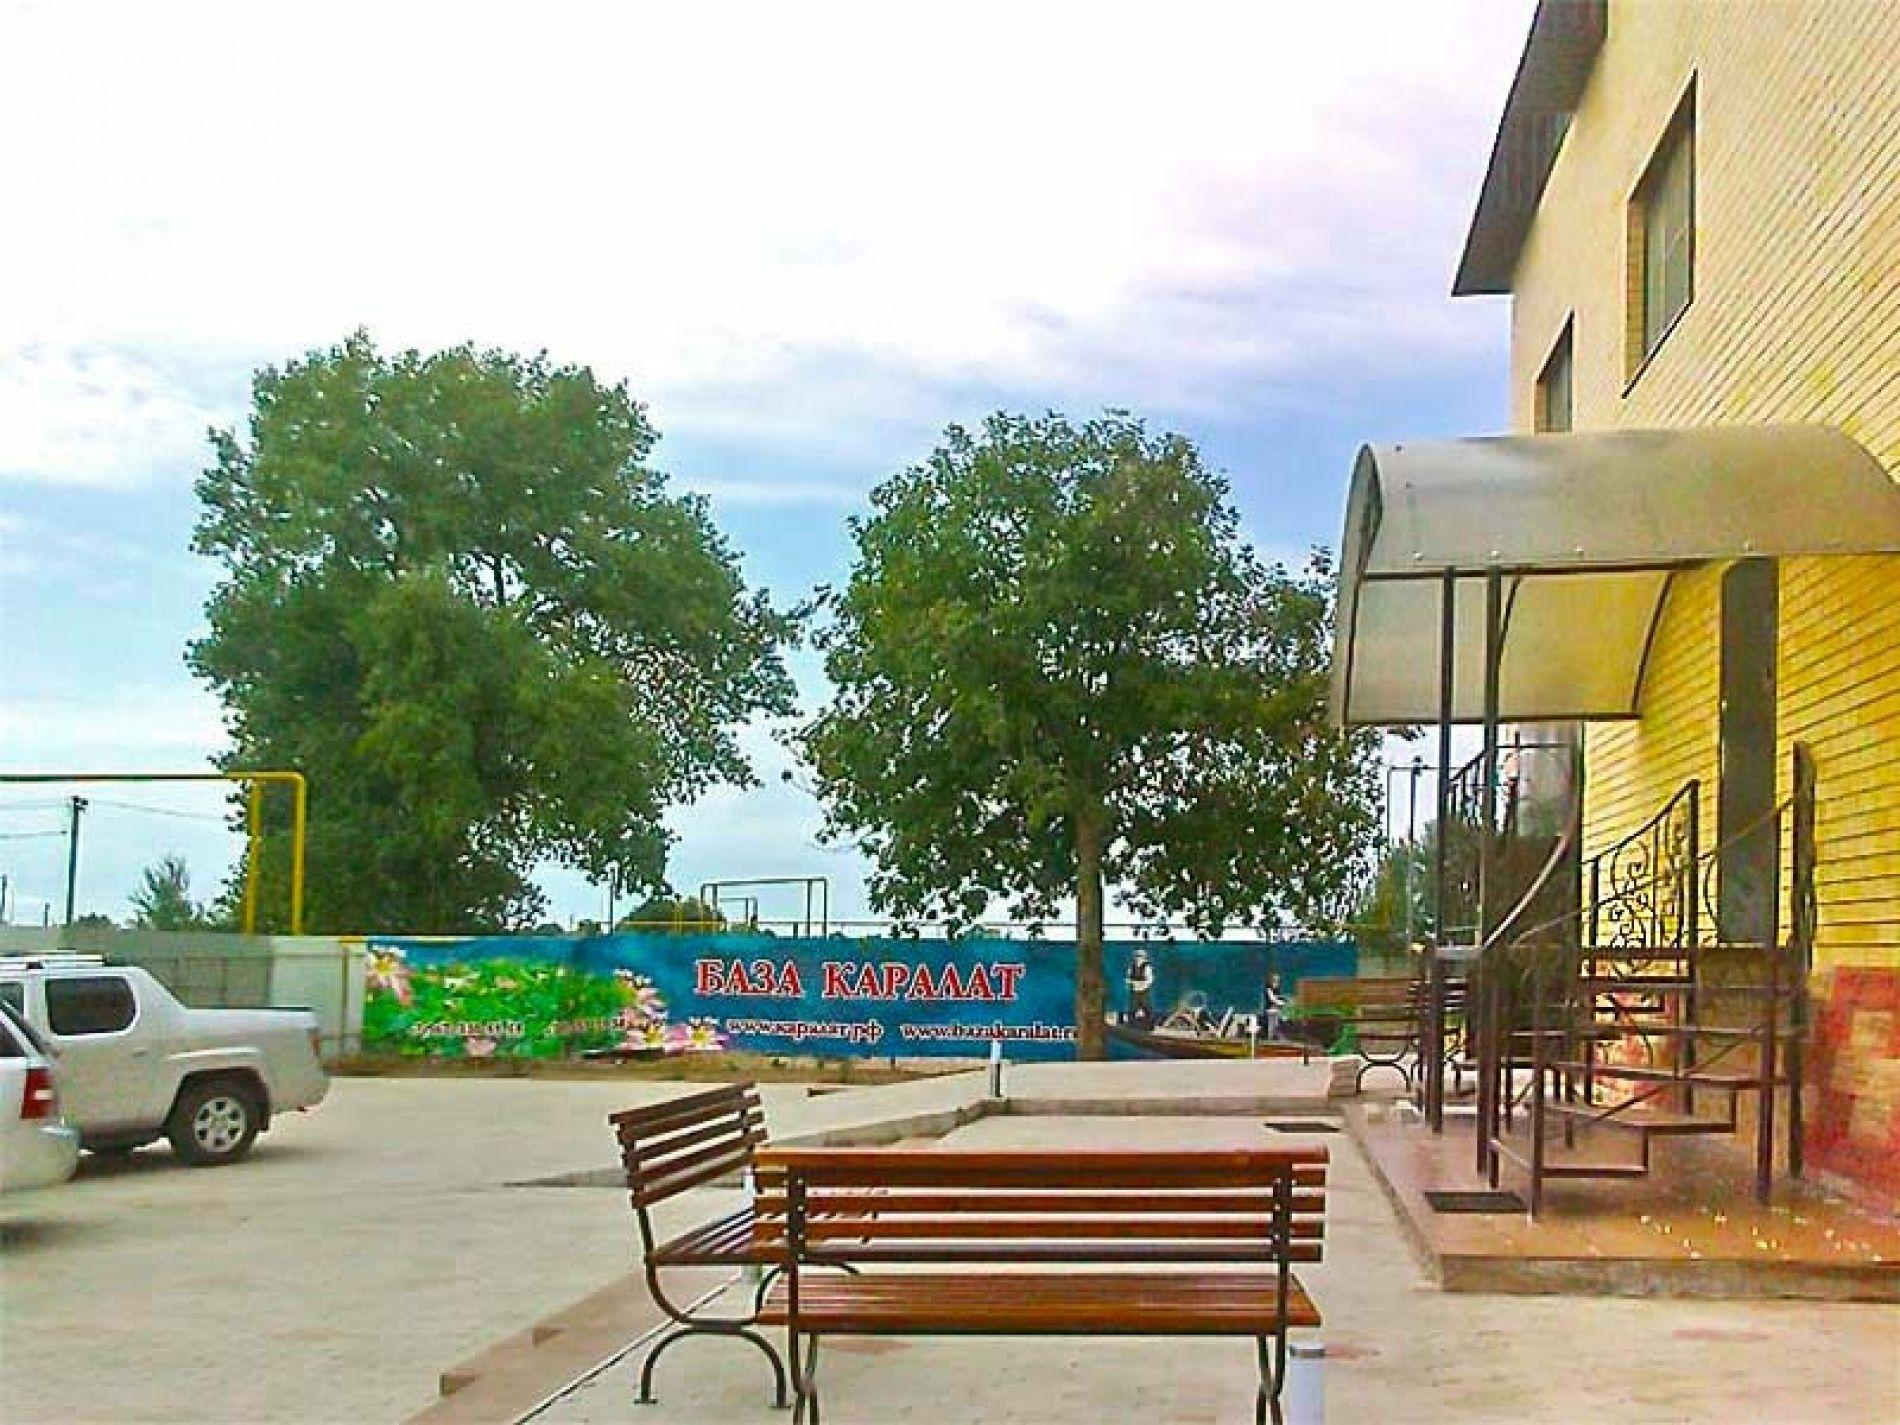 База отдыха «Каралат» Астраханская область, фото 3